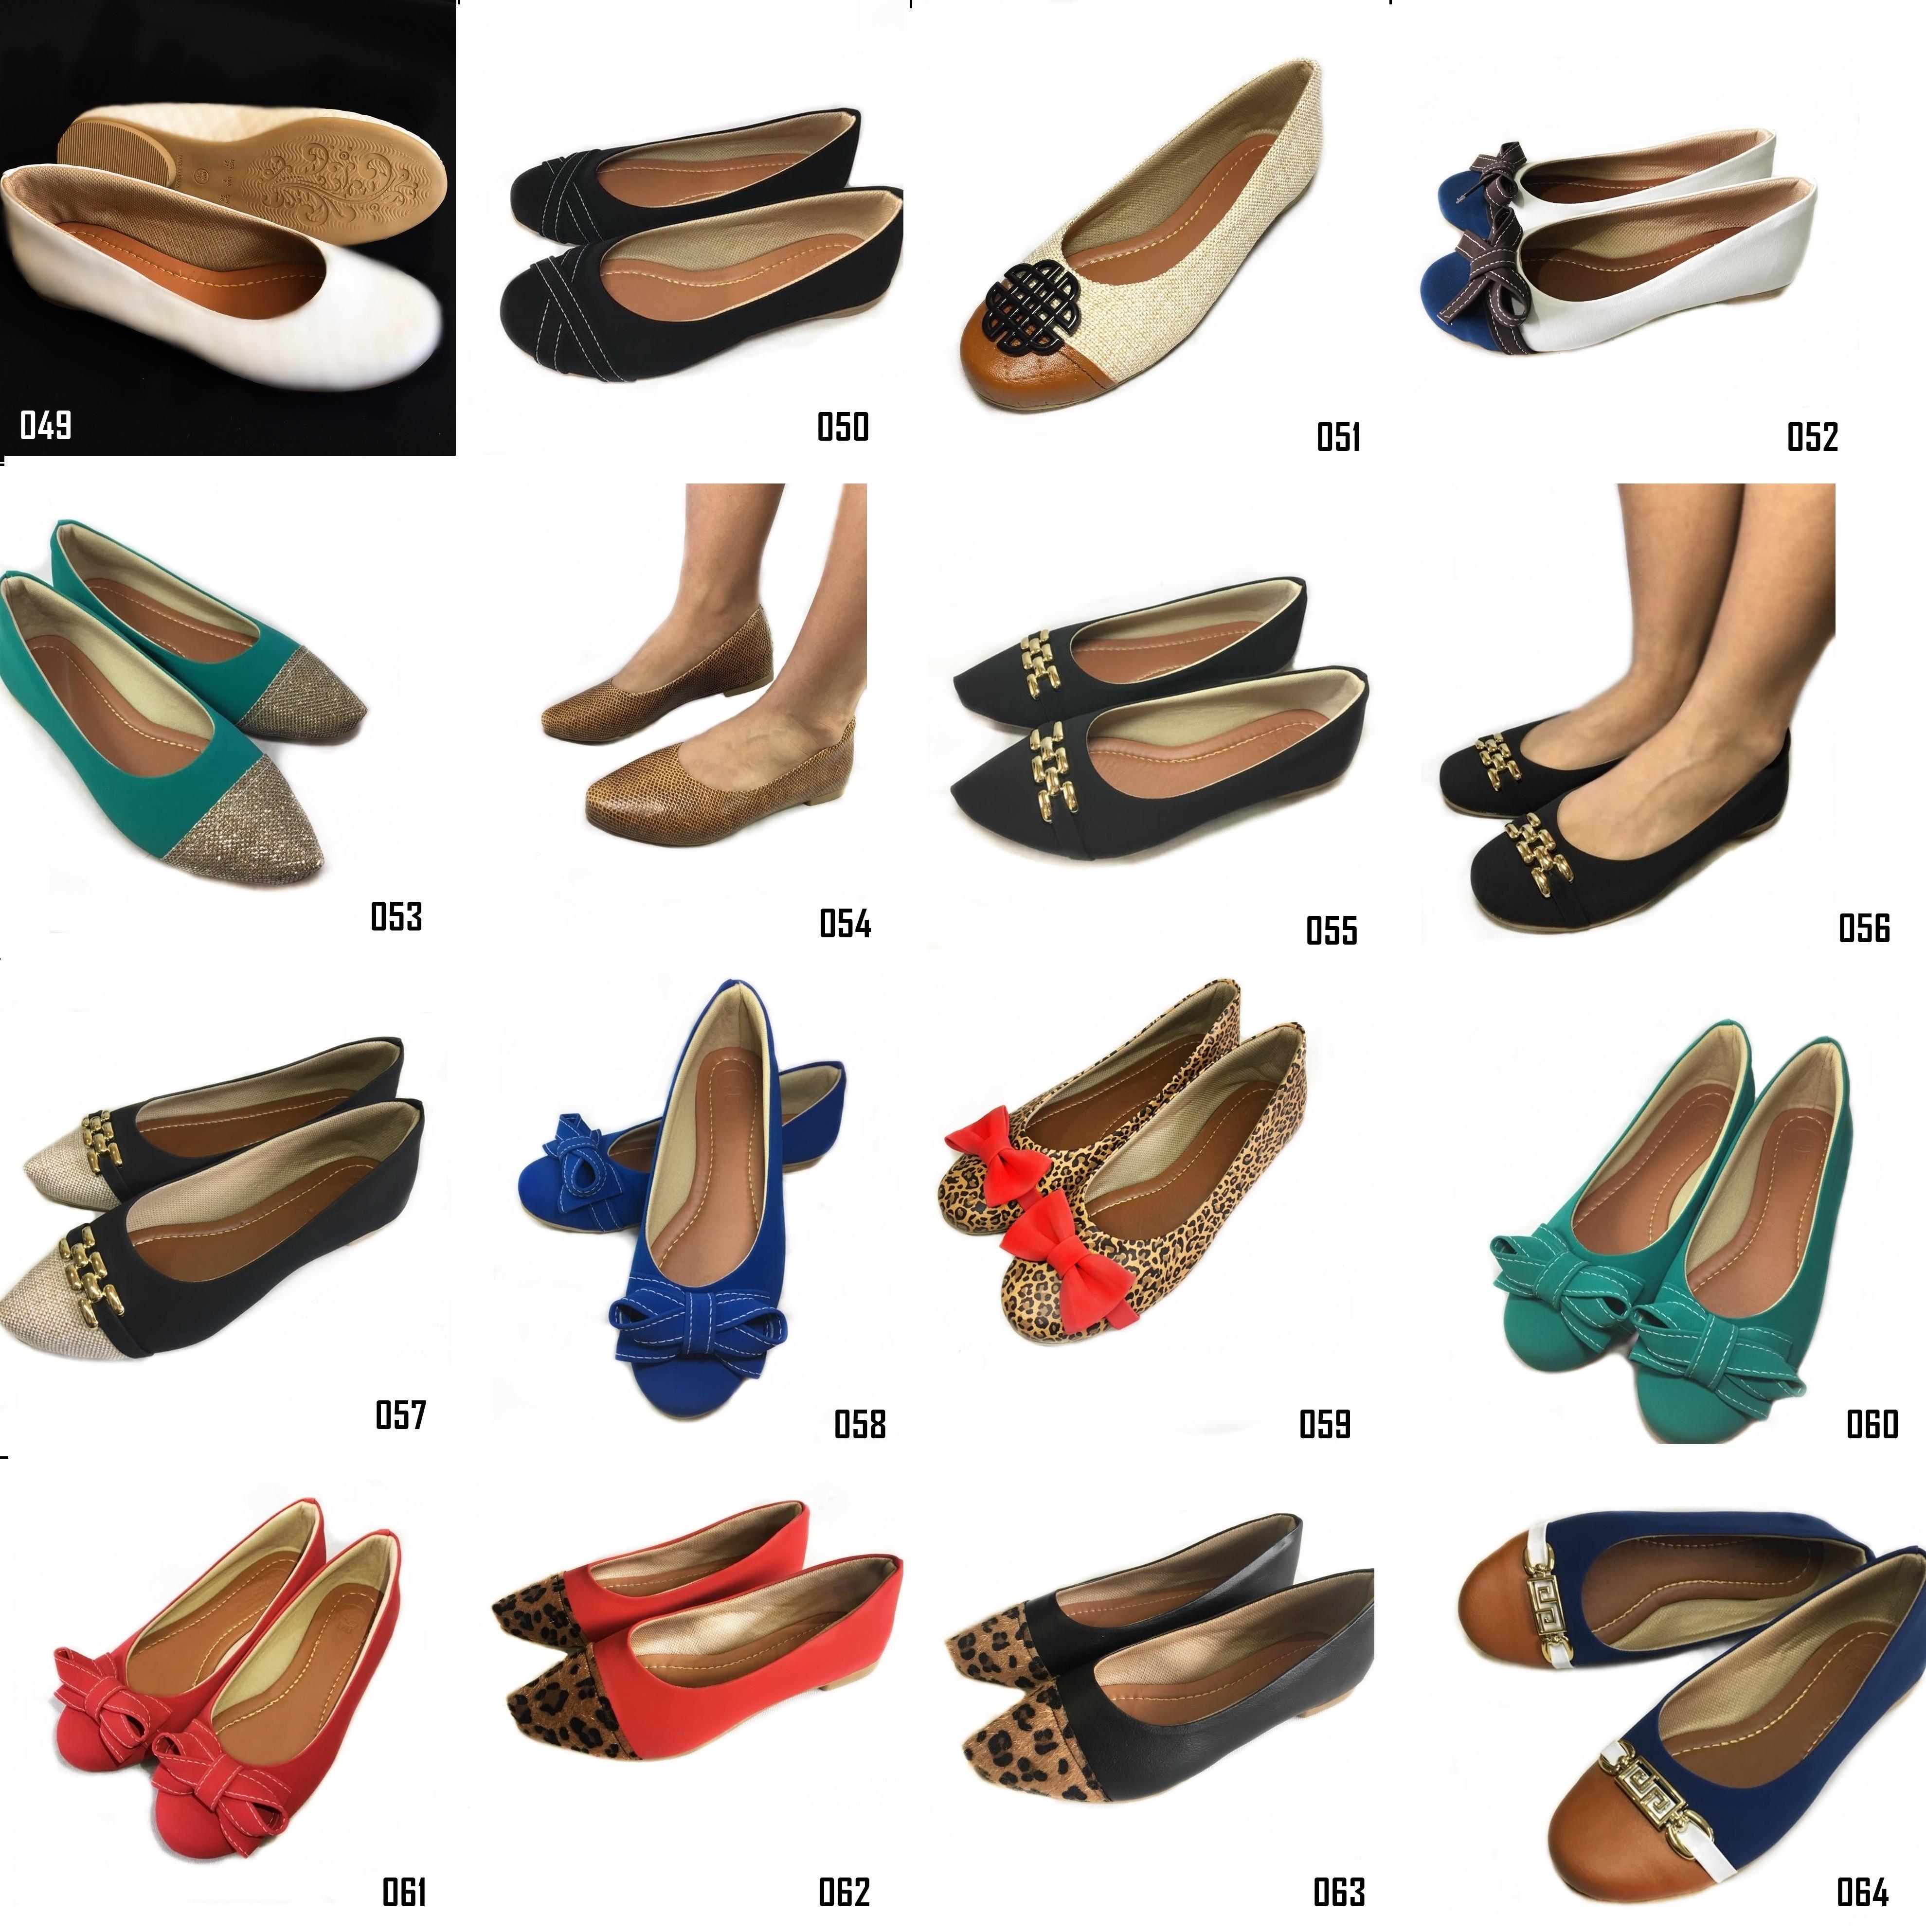 71b1dd2e8 Kit 6 pares sapatilha atacado revenda no Elo7 | Likka Calçados Femininos  (D370EB)